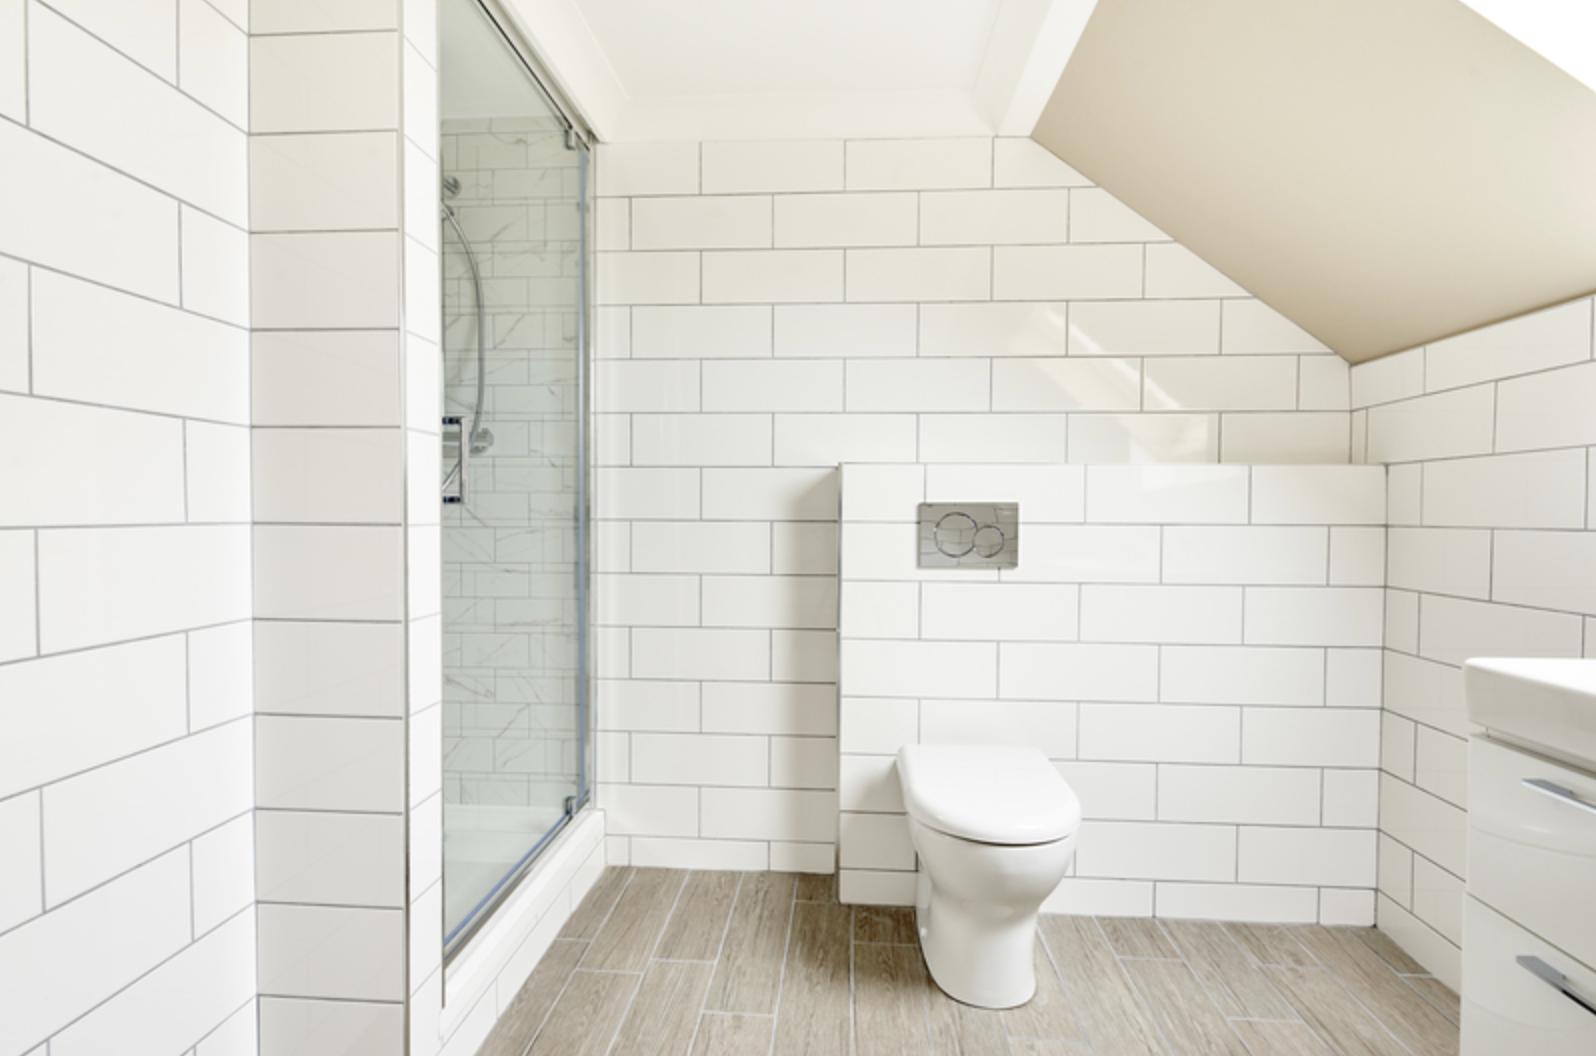 Bathroom at Royal Garden Serviced Apartments, Centre, Edinburgh - Citybase Apartments